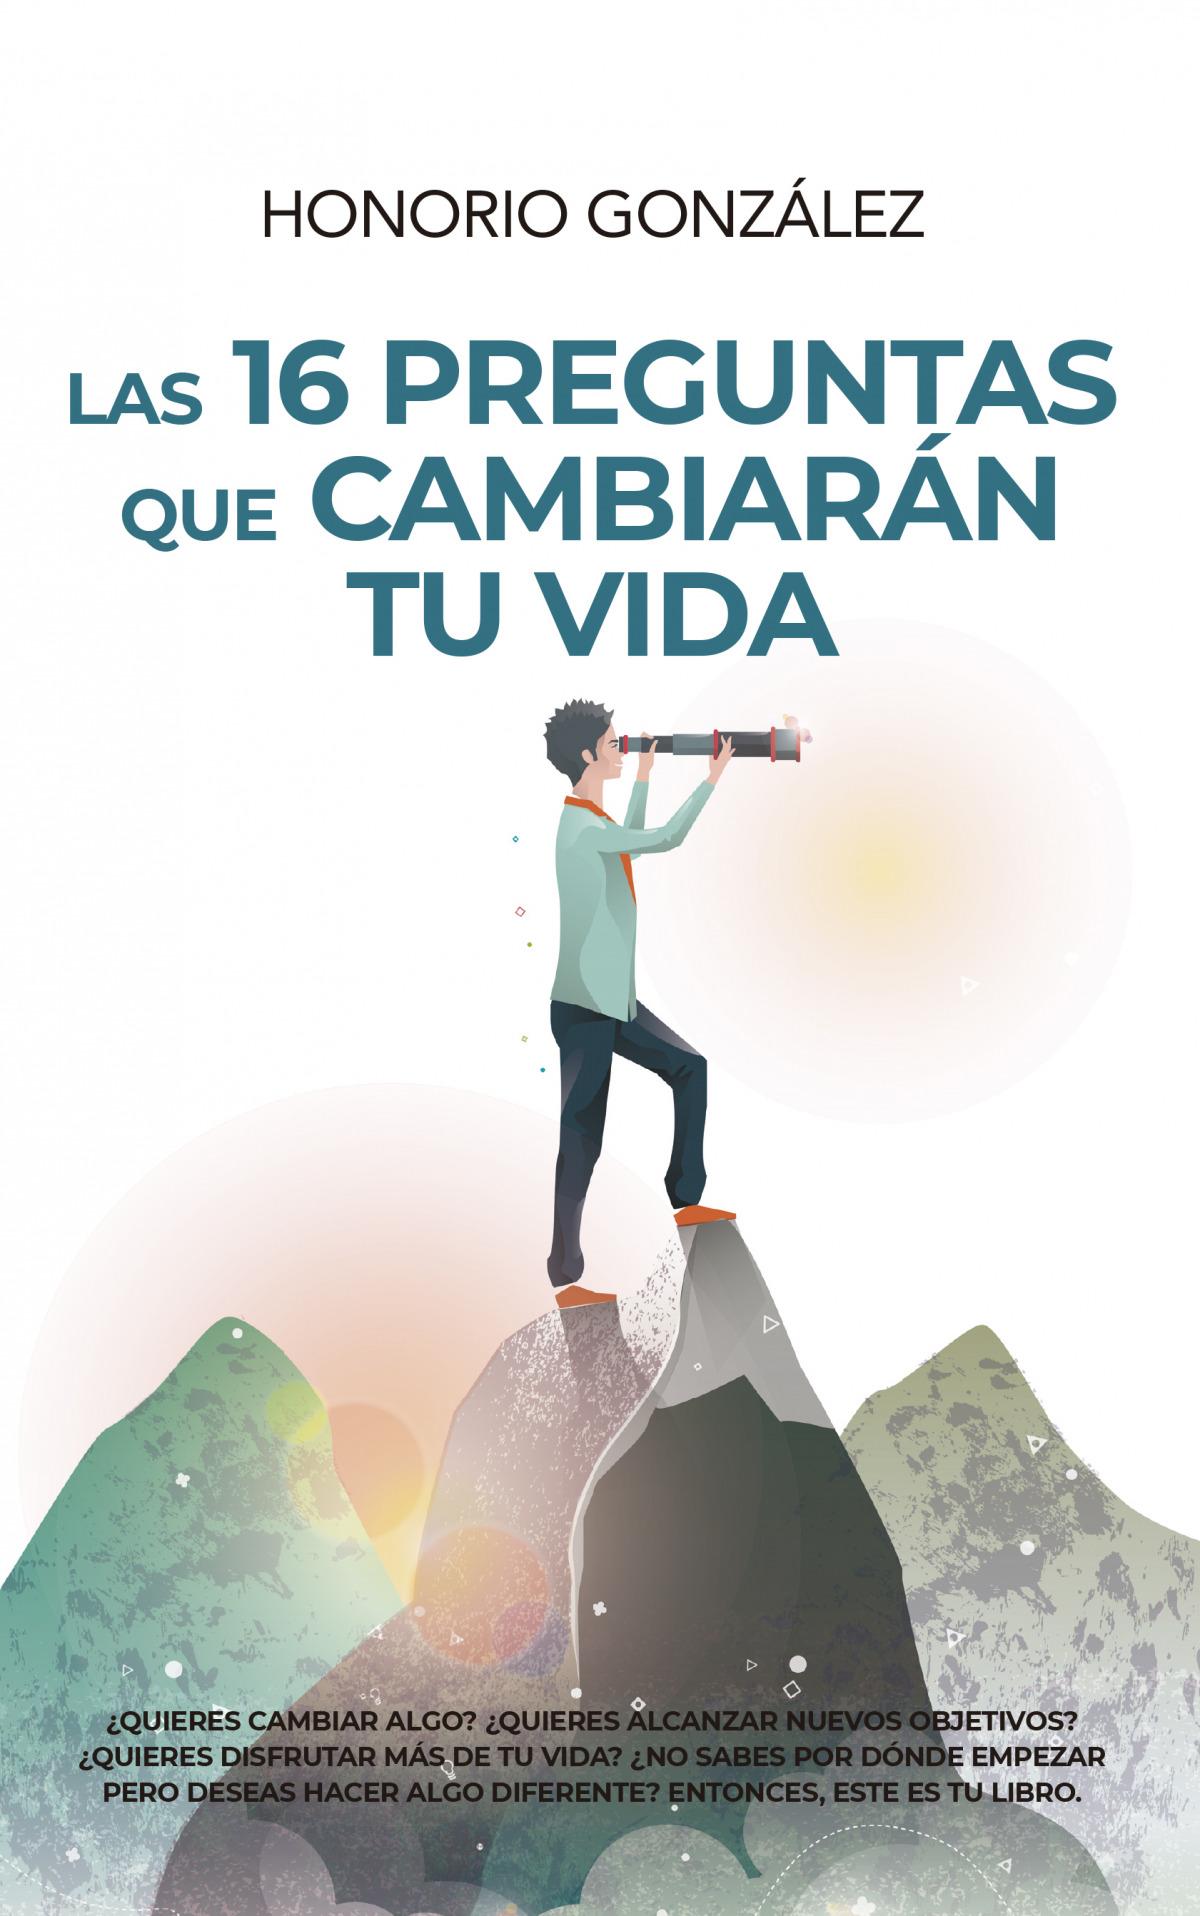 16 PREGUNTAS QUE CAMBIARÁN TU VIDA, LAS